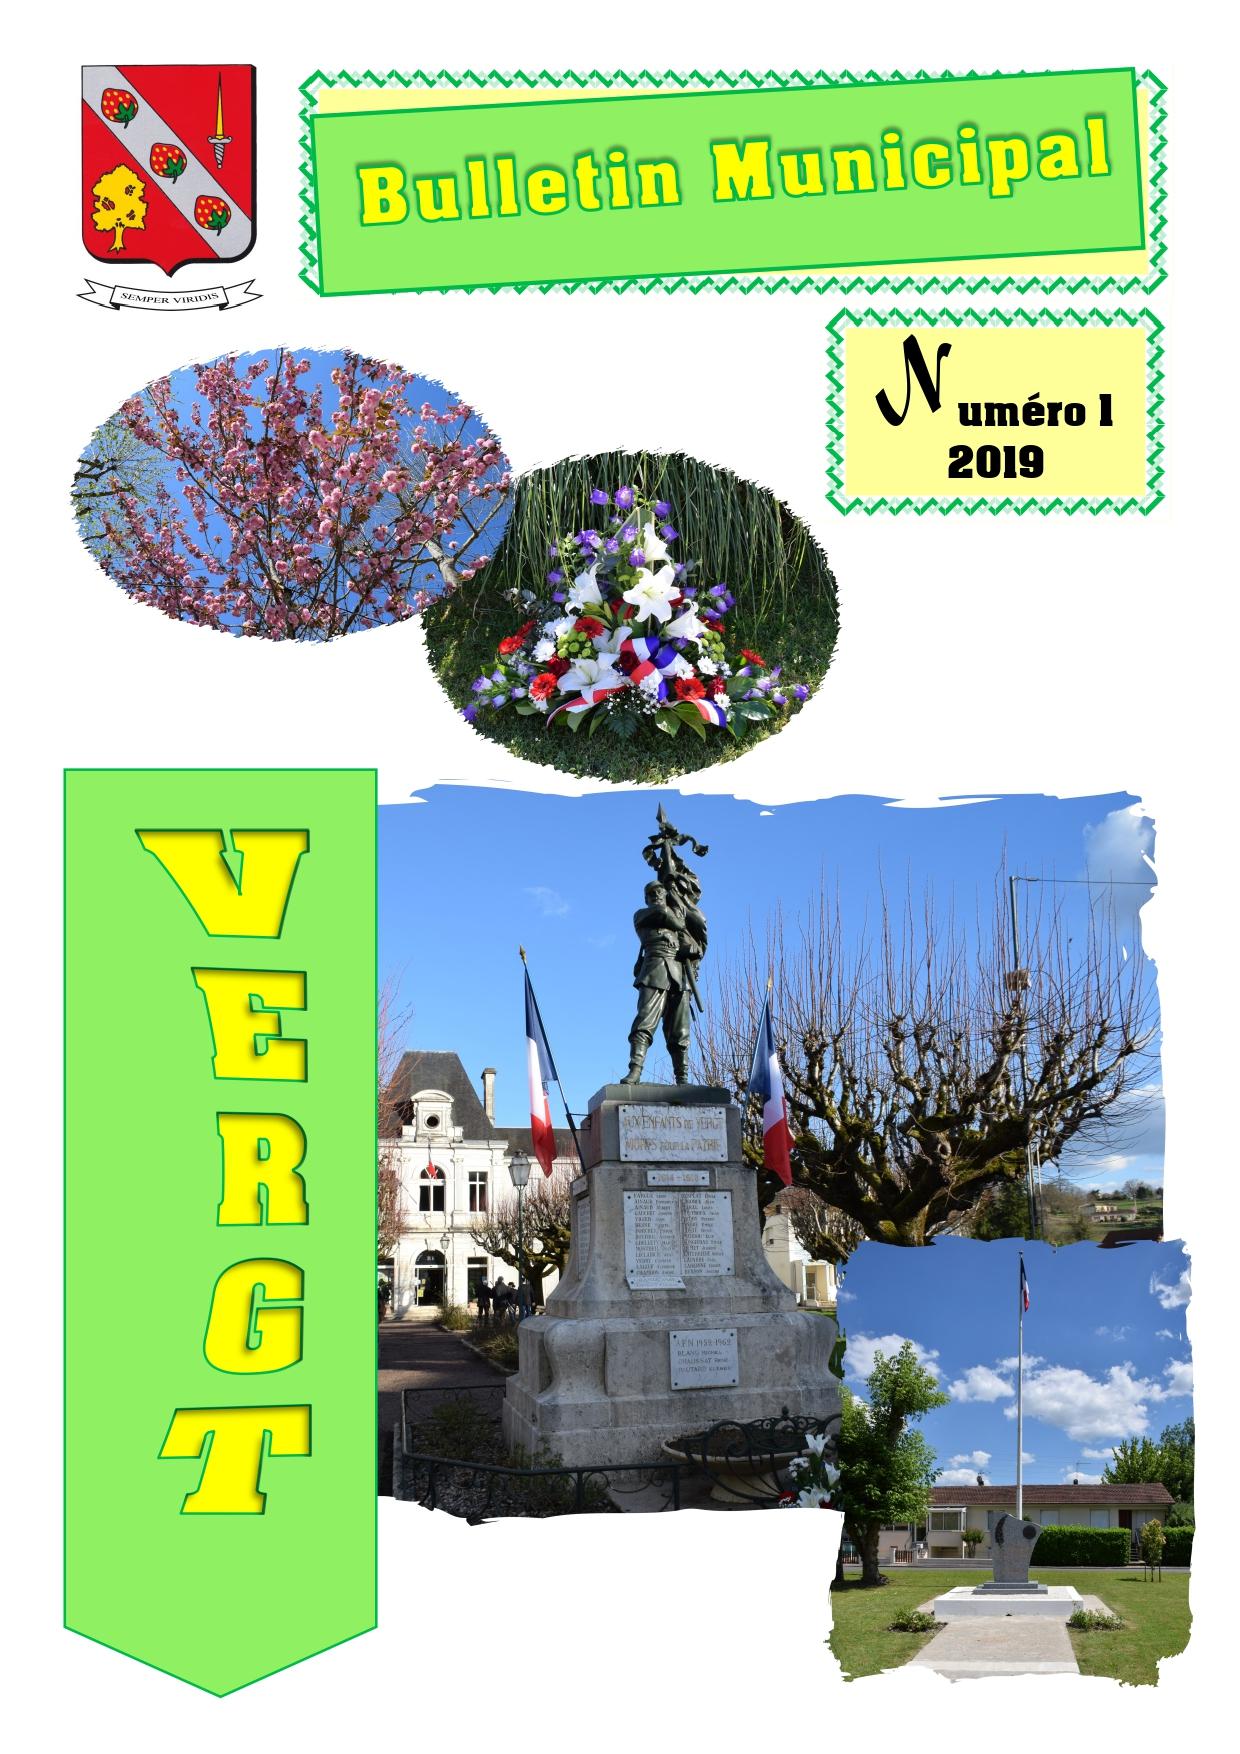 Bulletin Municipal N°1 2019